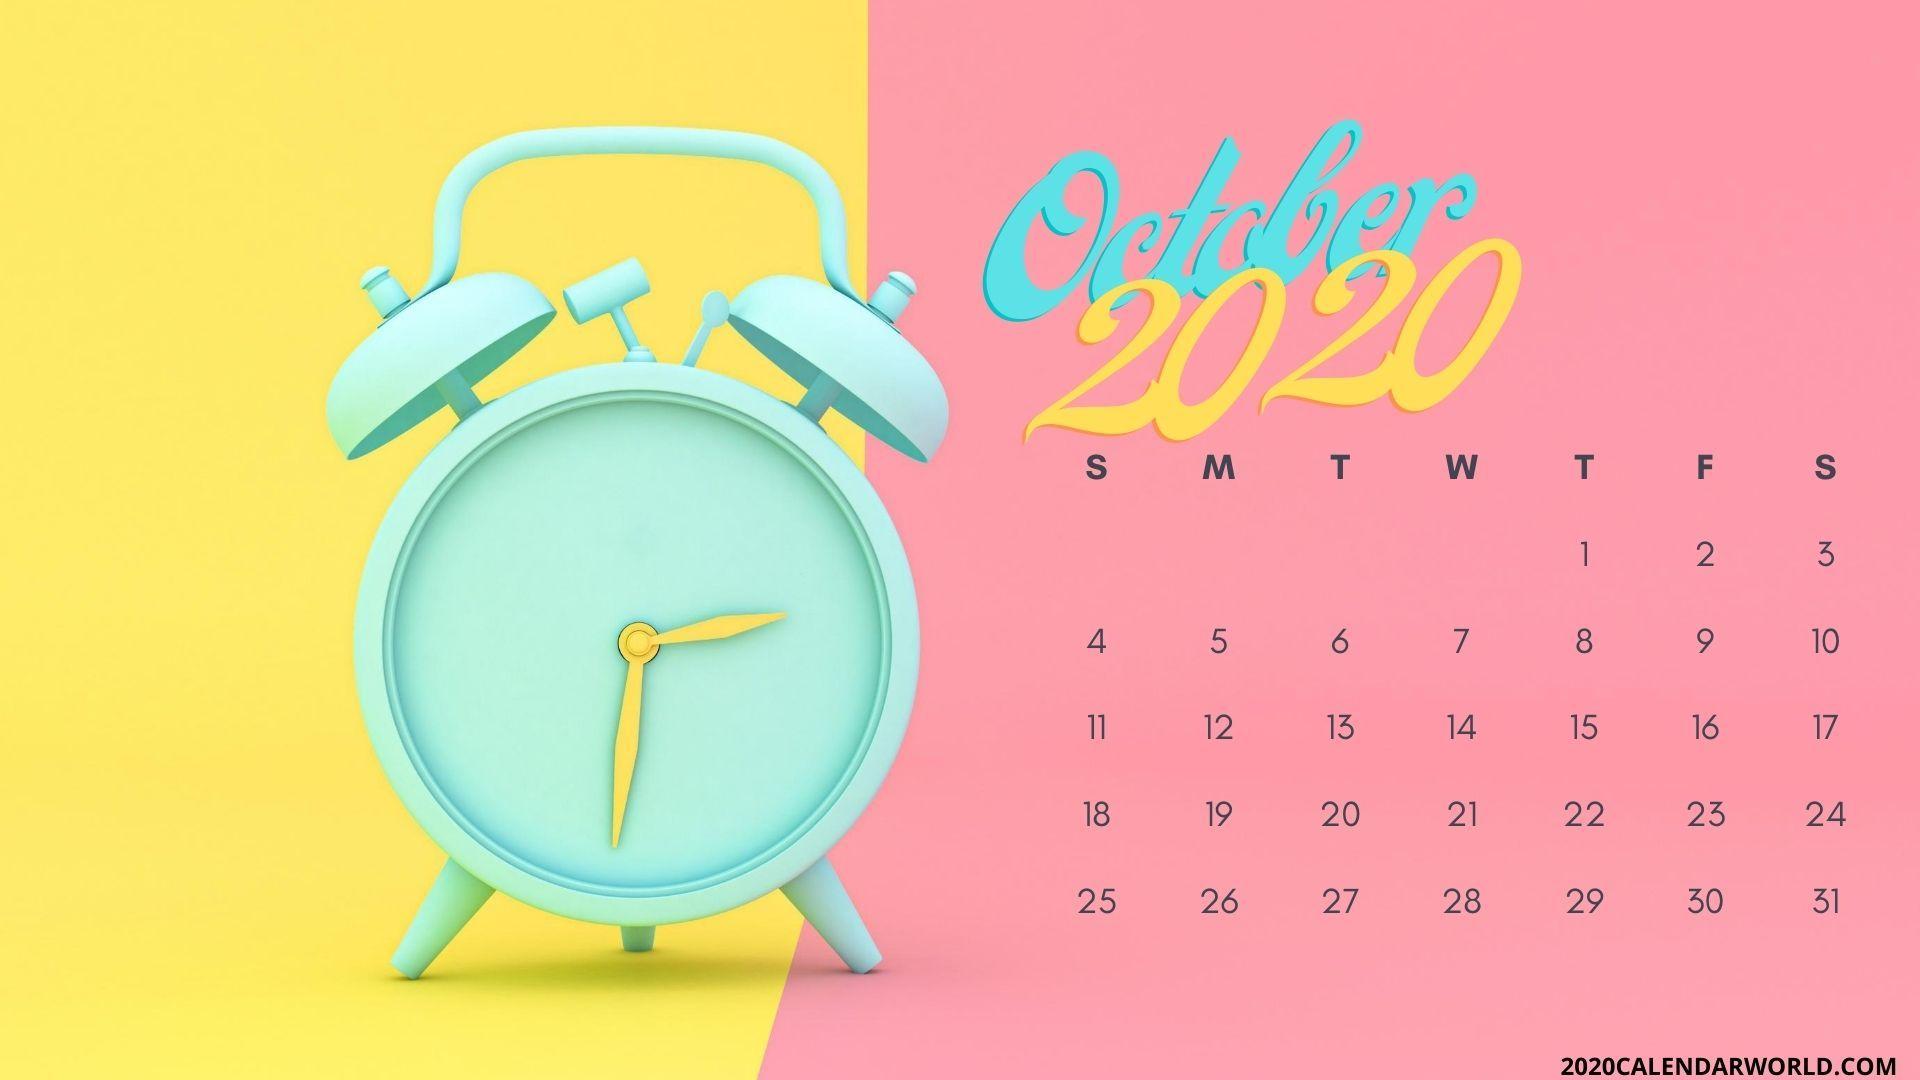 Cute October 2020 Month Calendar Wallpaper For Desktop In 2020 Calendar Wallpaper Desktop Wallpaper Wallpaper